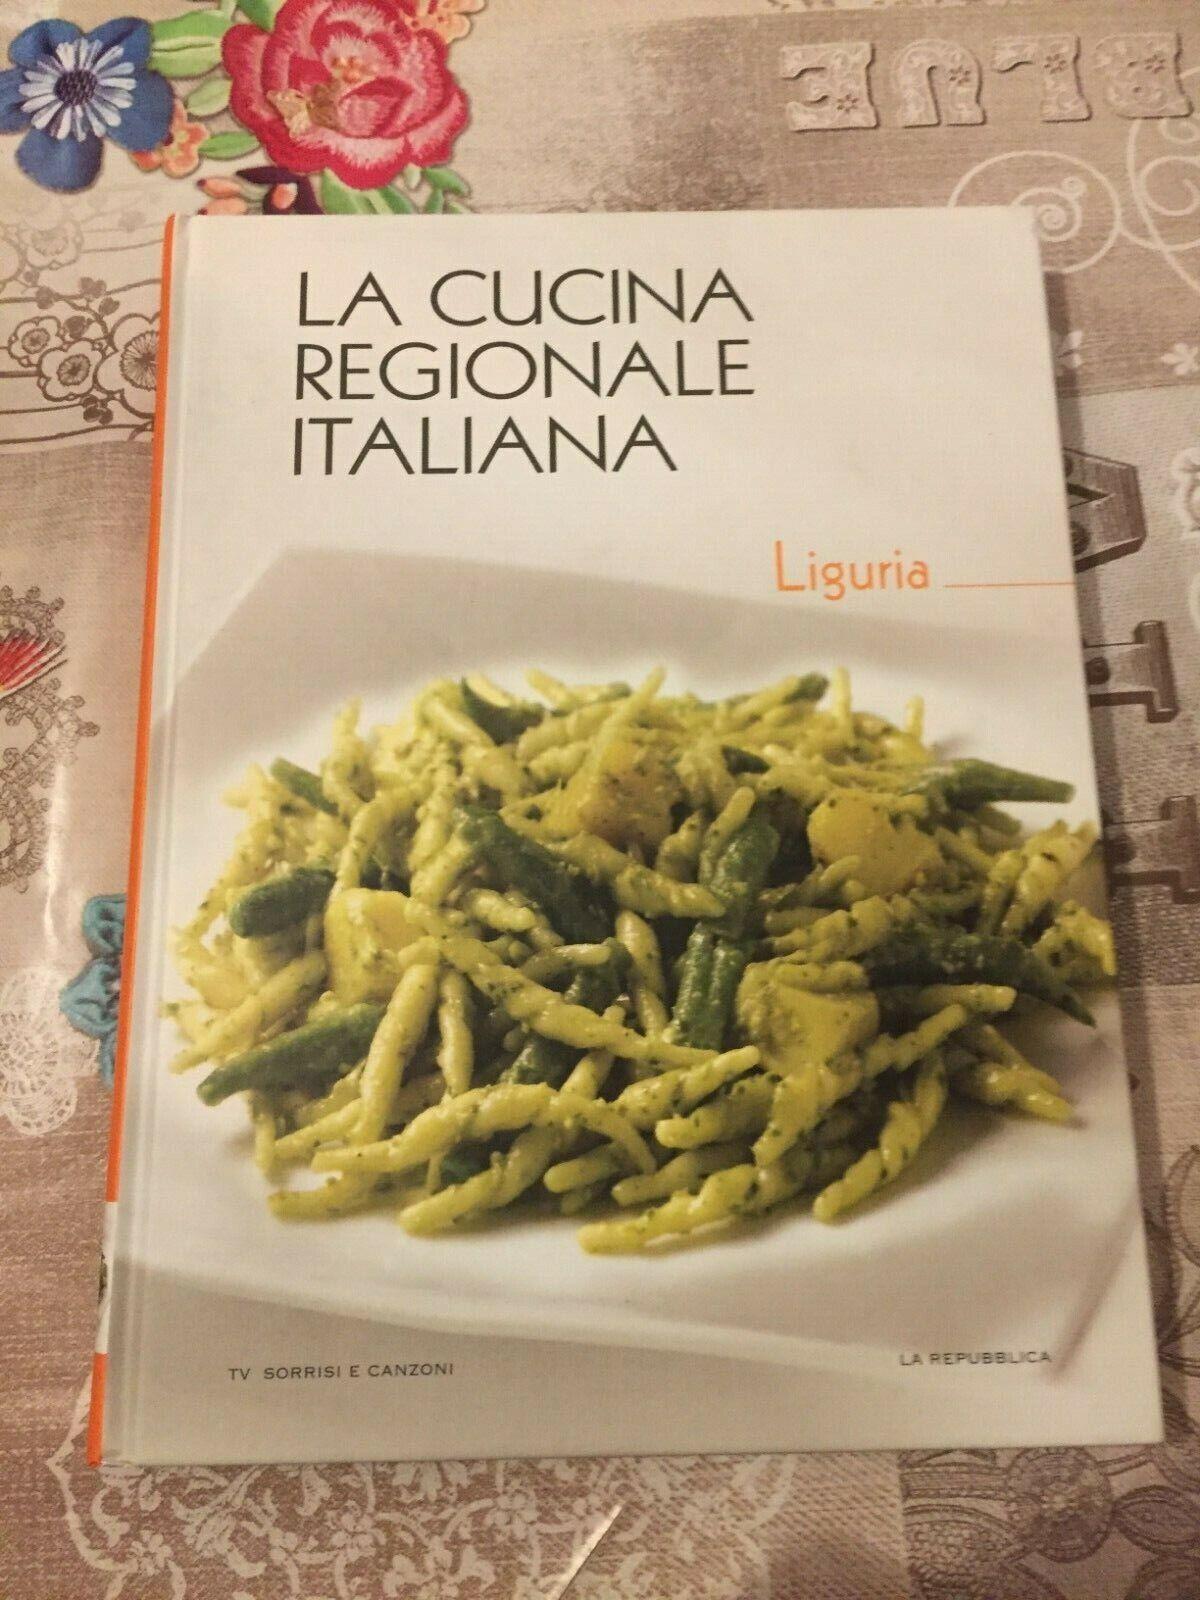 LA CUCINA REGIONALE ITALIANA LIGURIA vol. 5  TV SORRISI E CANZONI LA REPUBBLICA